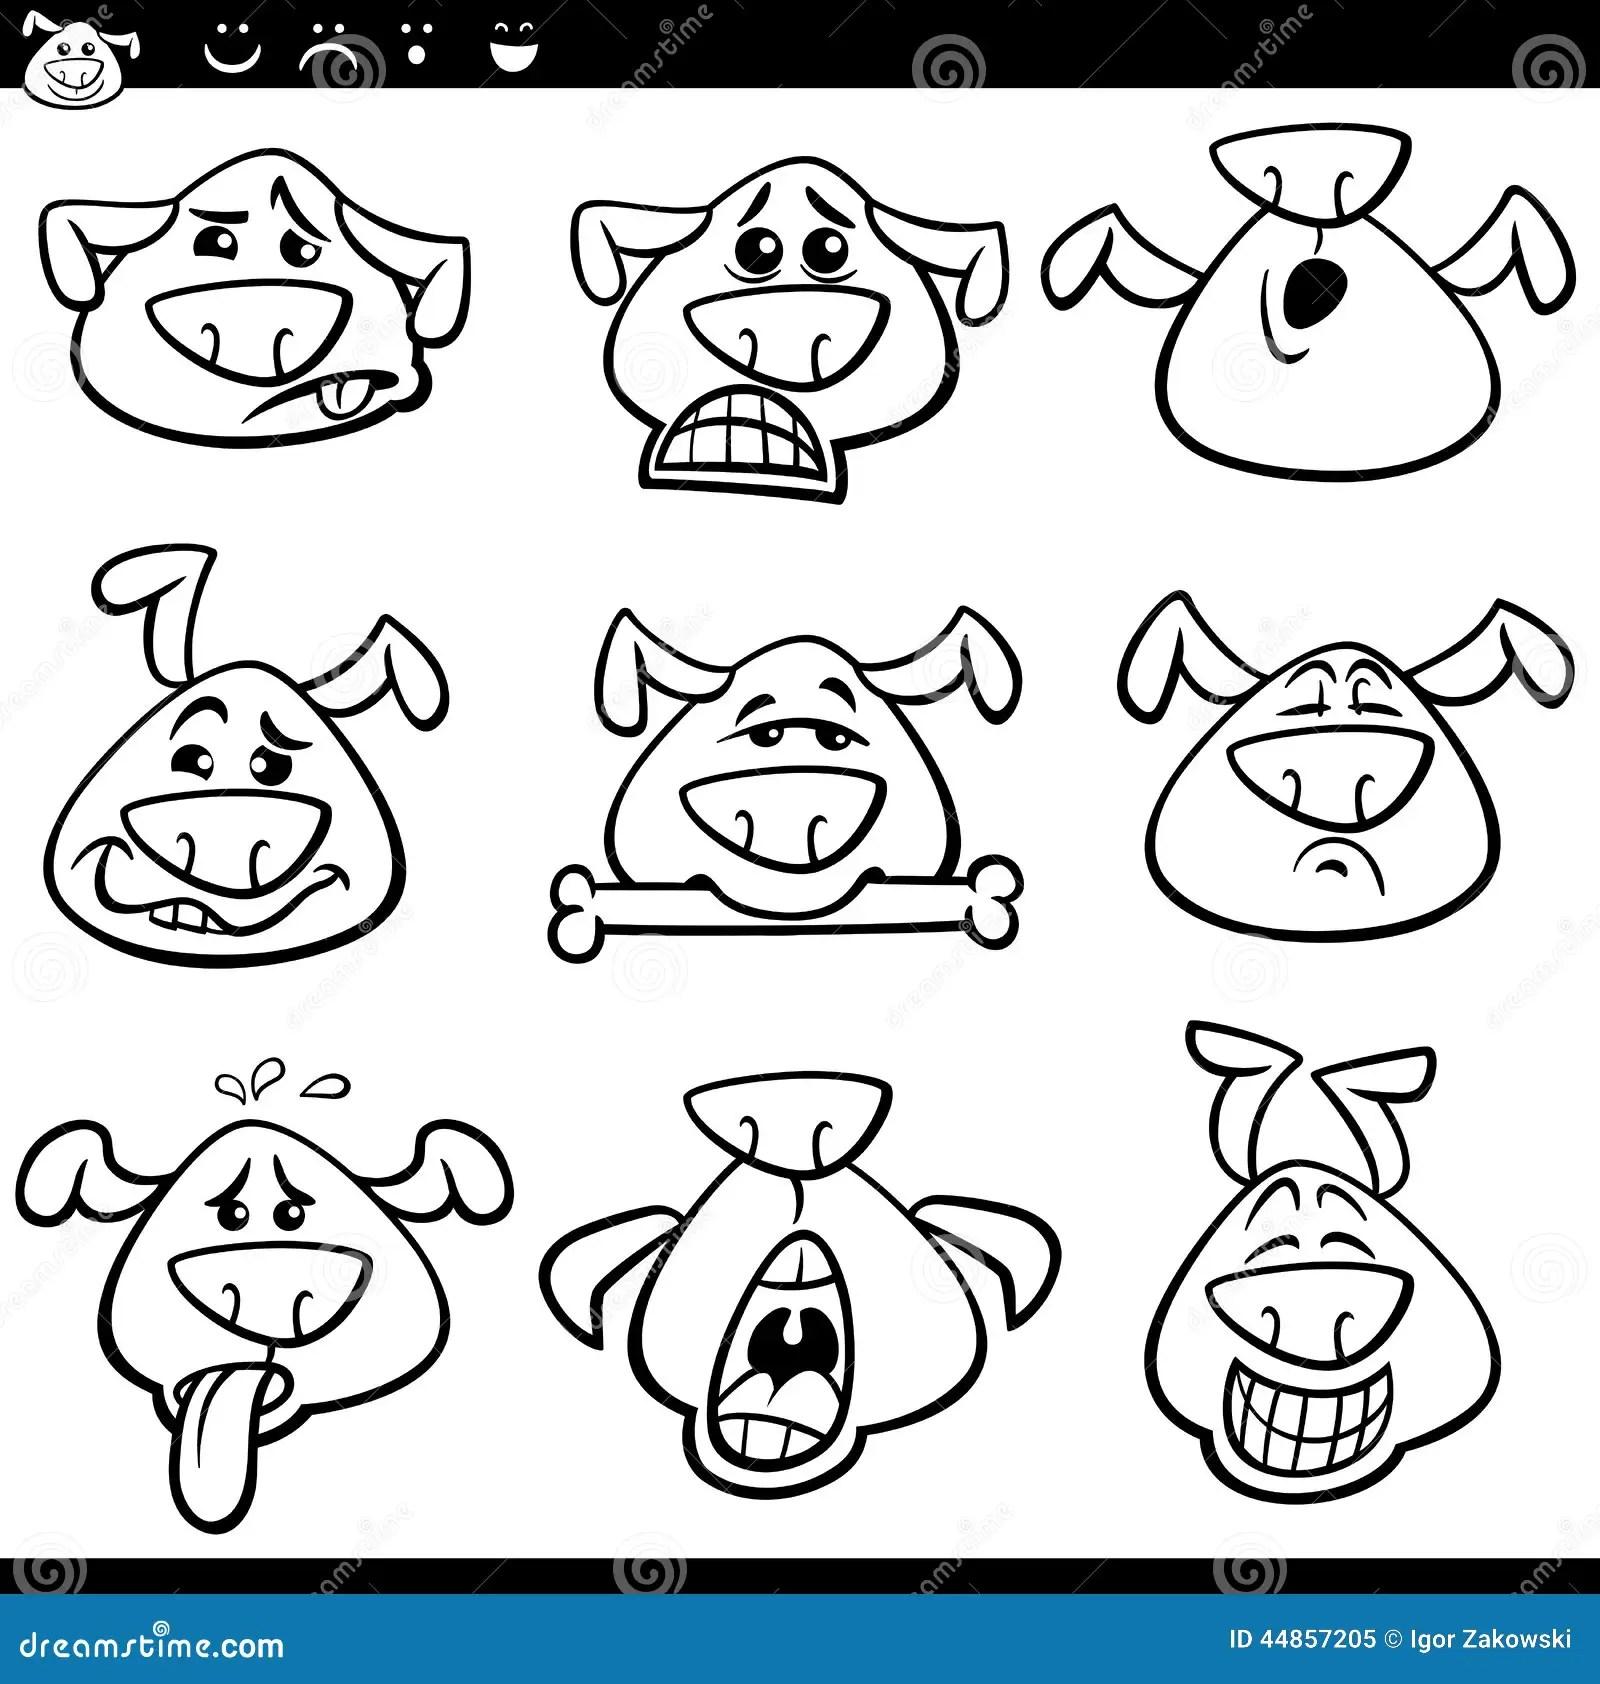 Pagina Di Coloritura Del Fumetto Degli Emoticon Del Cane Illustrazione Vettoriale